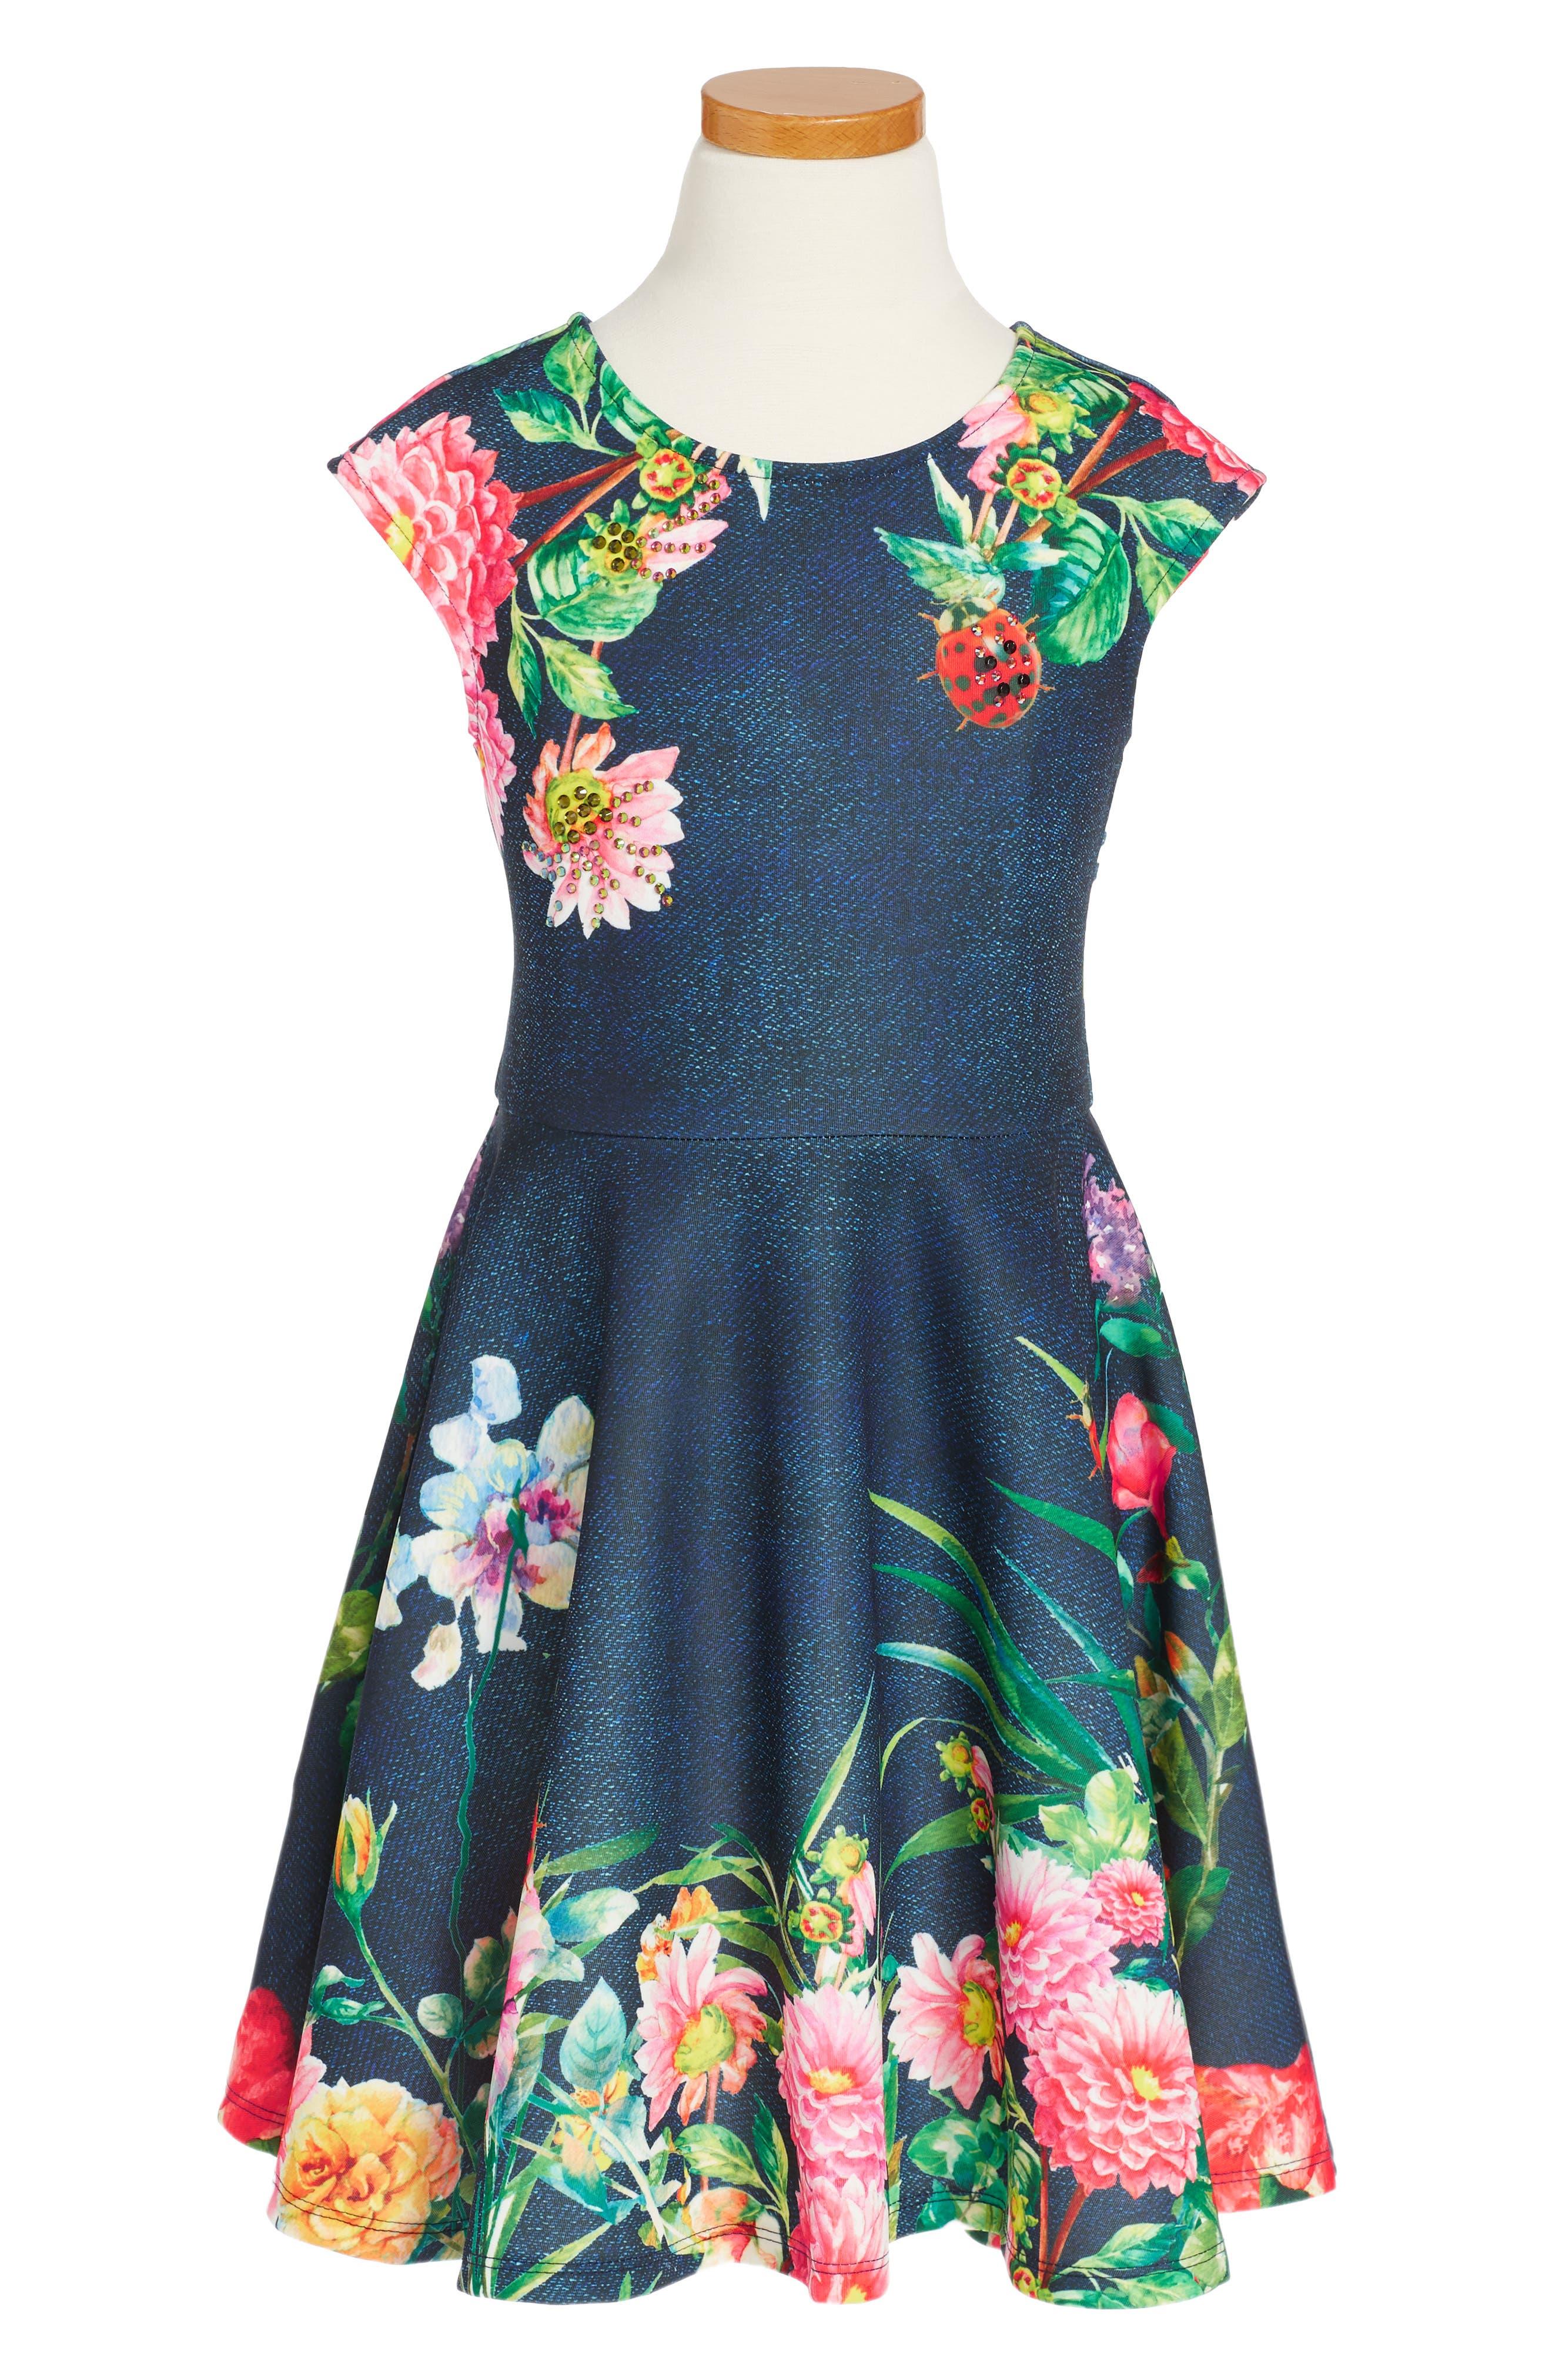 Alternate Image 1 Selected - Hannah Banana Lady Bug Skater Dress (Toddler Girls, Little Girls & Big Girls)